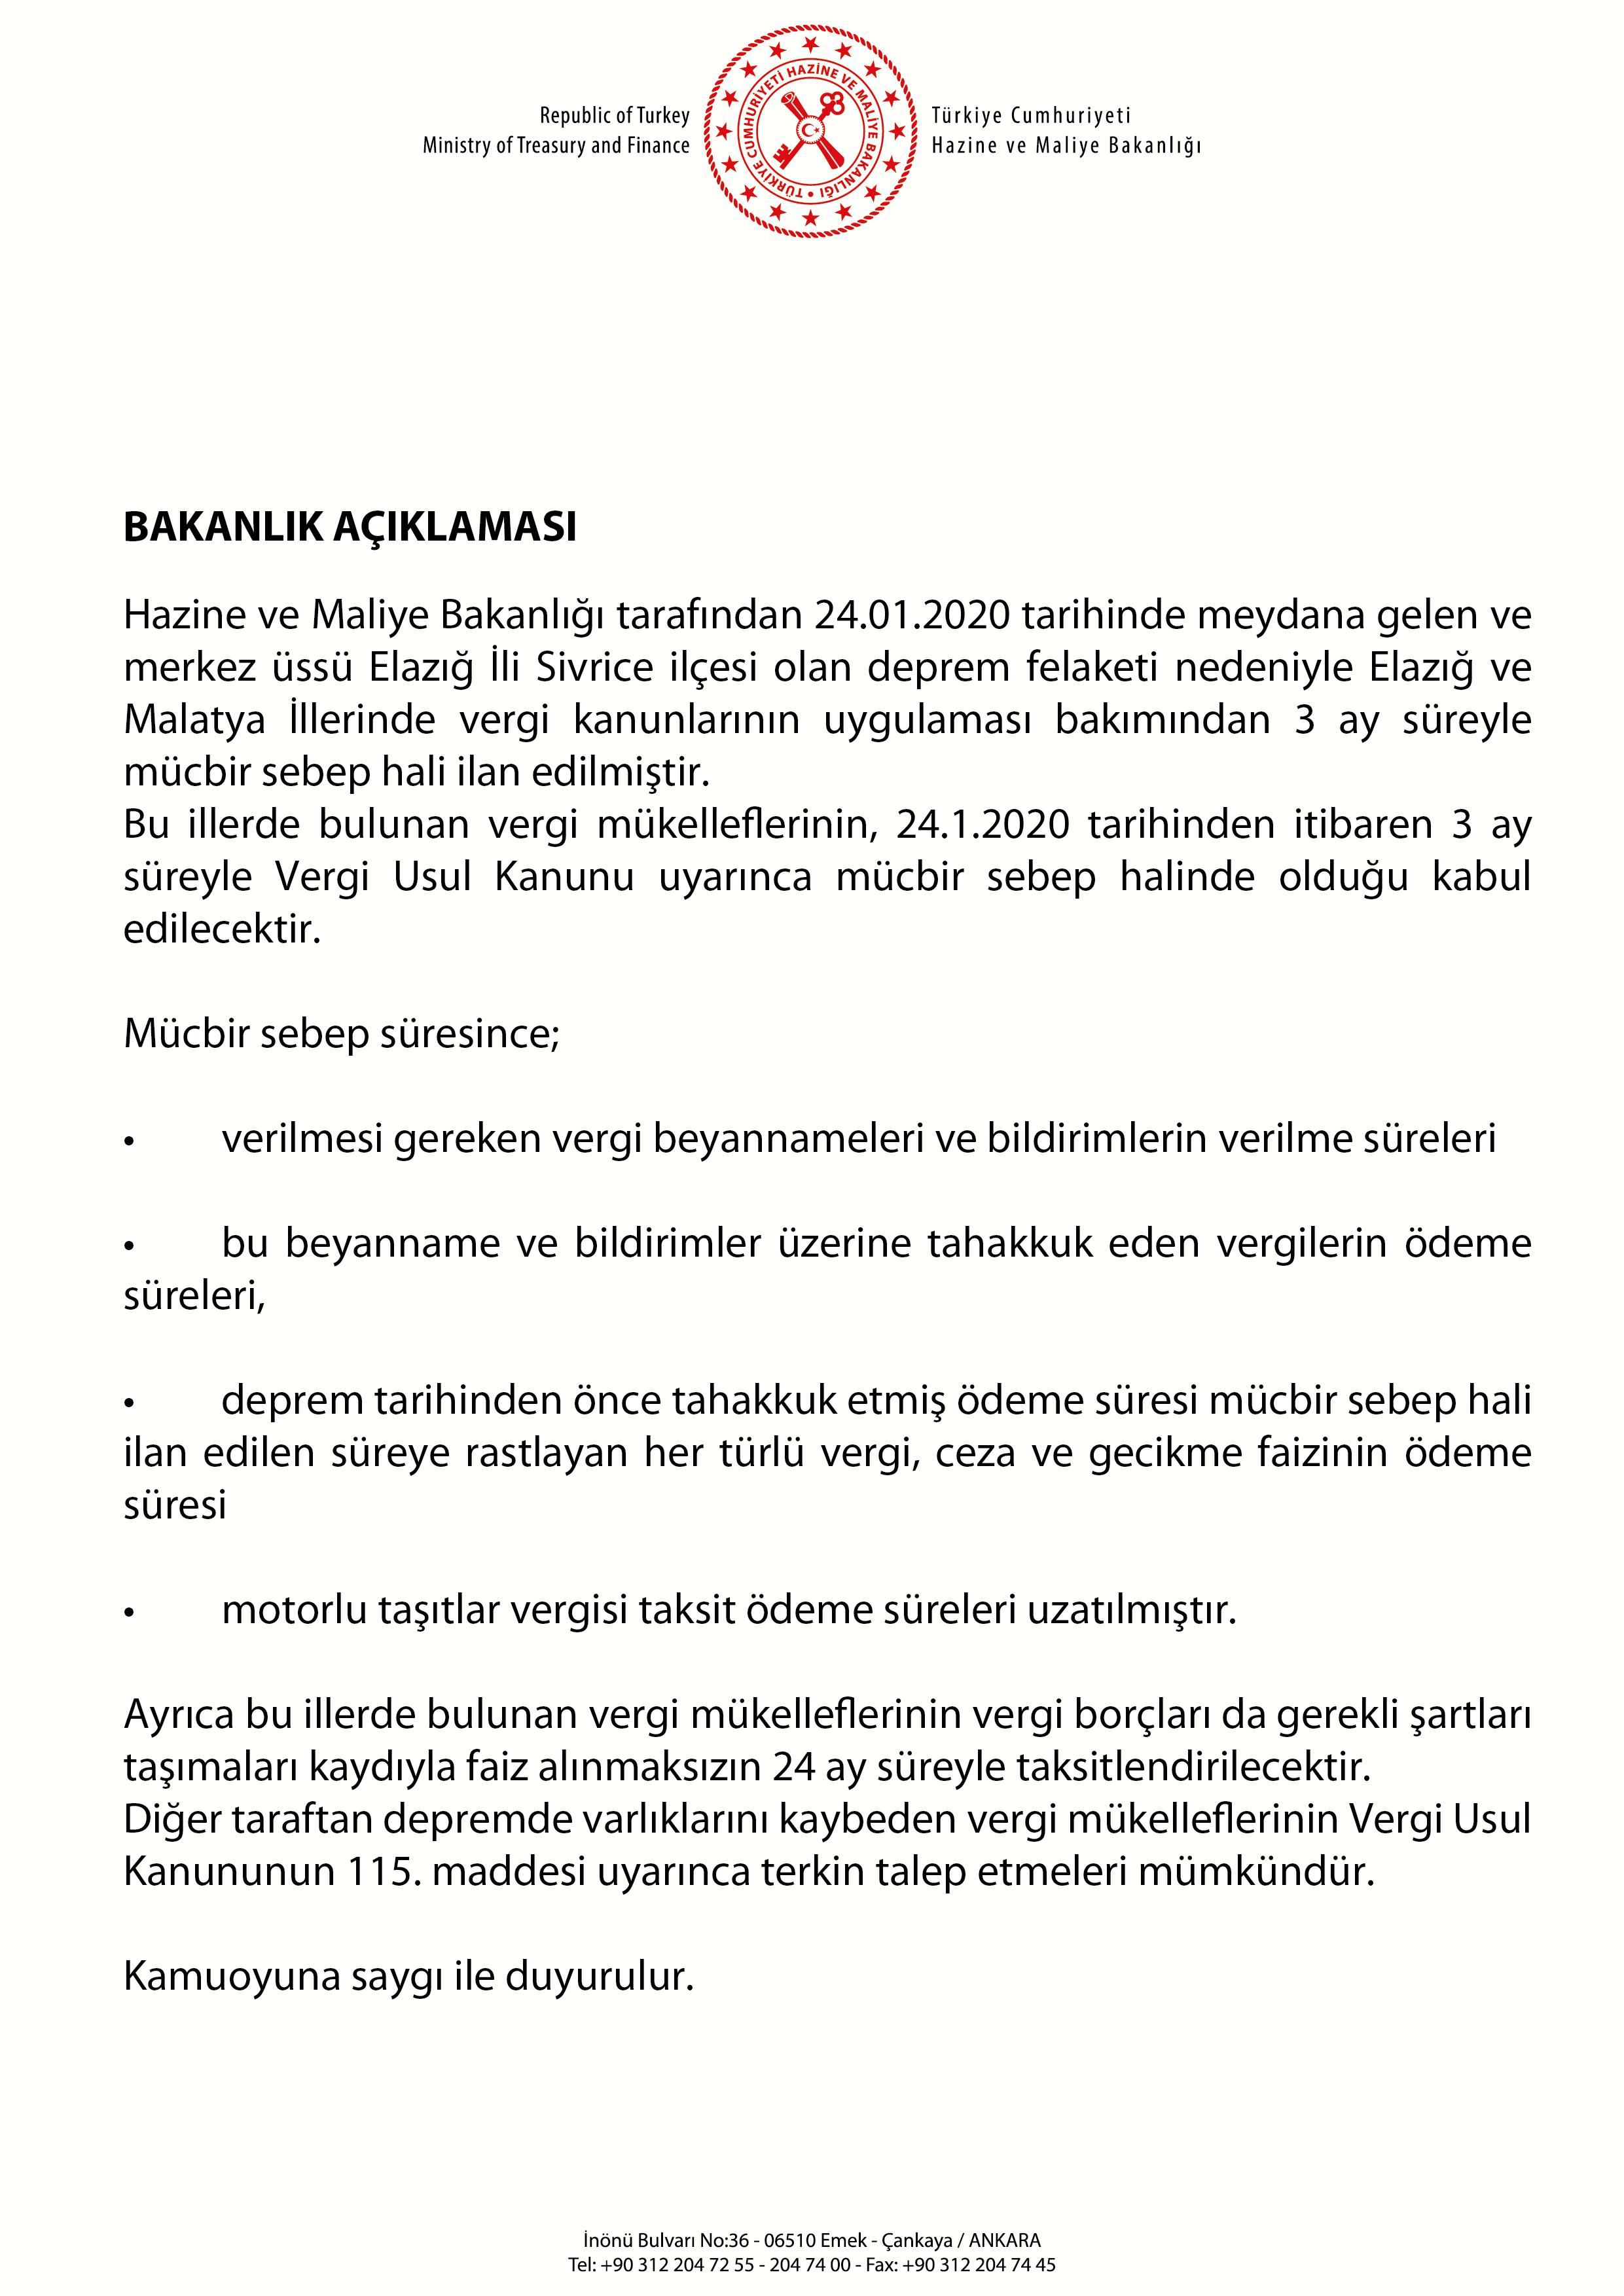 Elazığ ve Malatya'da mücbir sebep hali ilan edildi